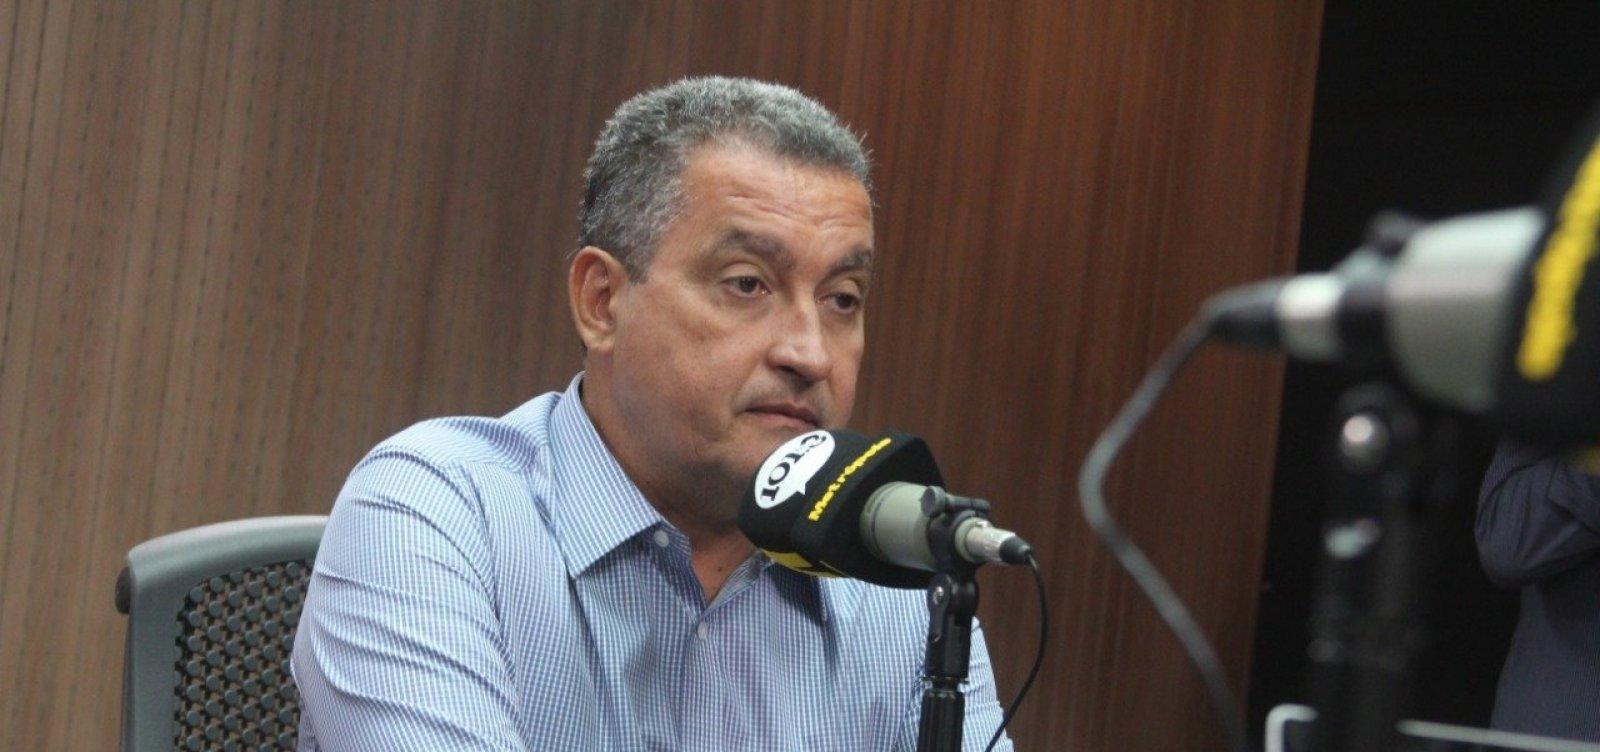 Rui aposta em Haddad eleito no primeiro turno e diz não se preparar para Bolsonaro